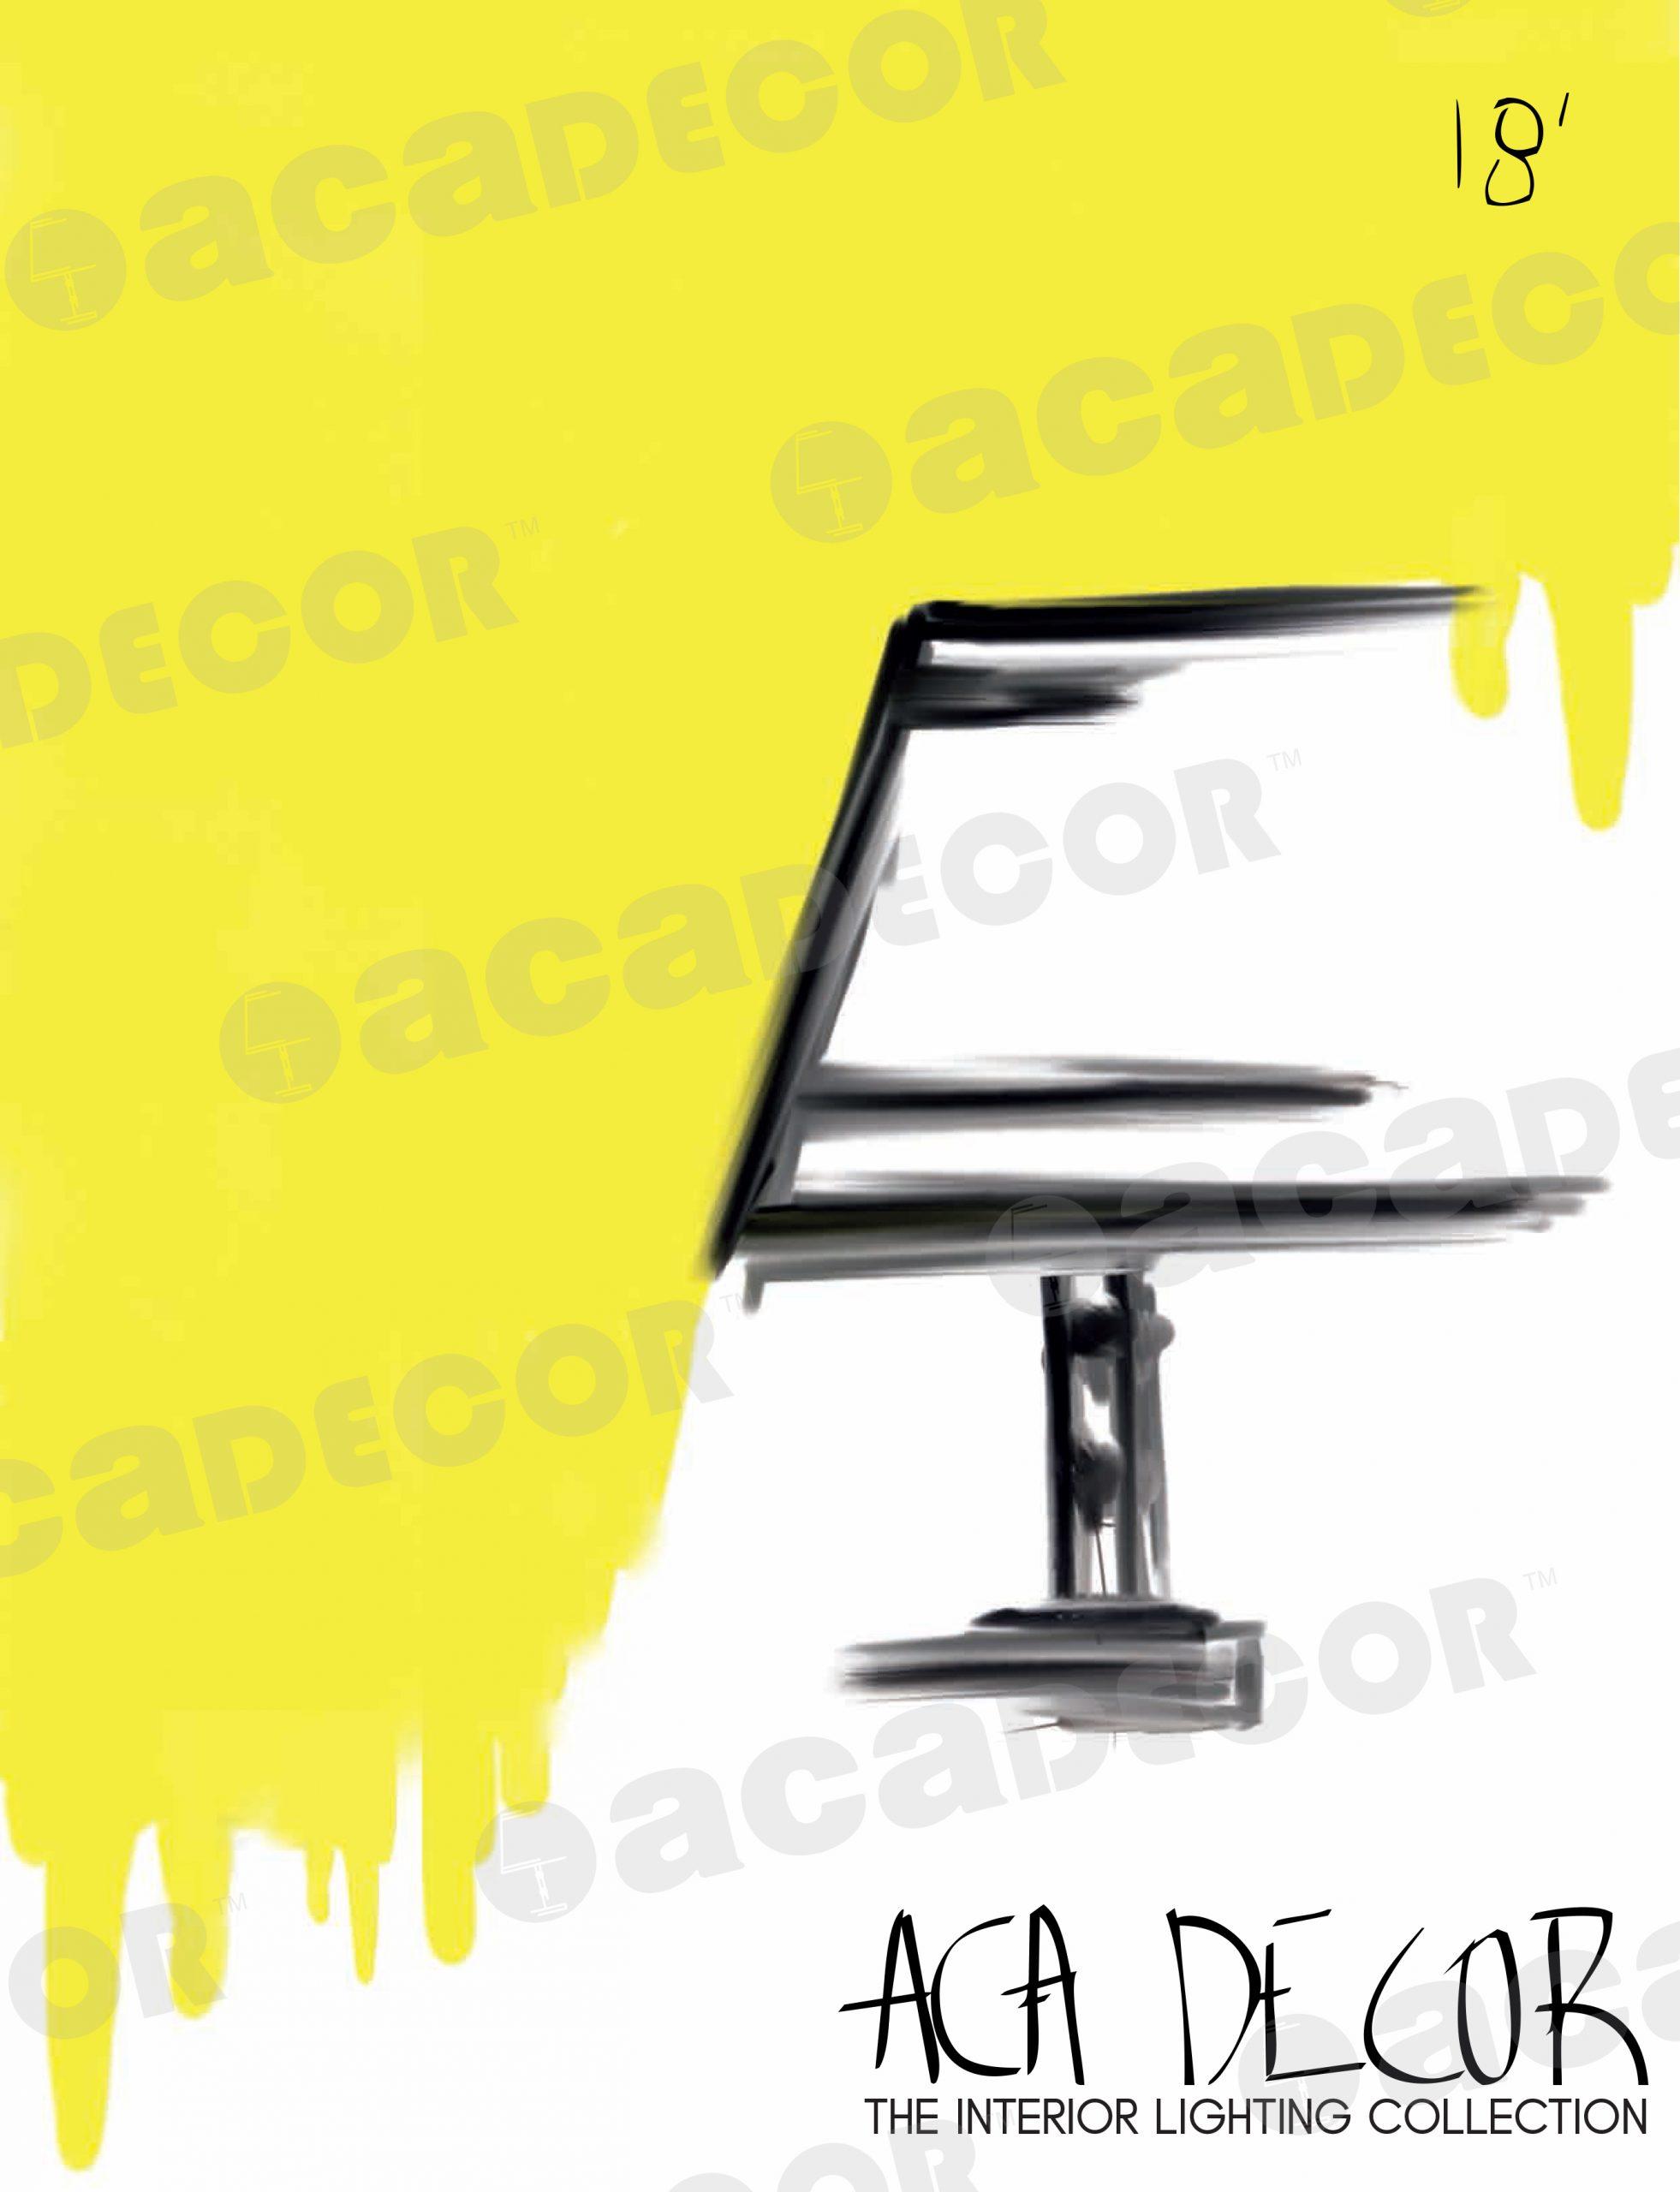 ACA DECOR 2018 start watermark.indd